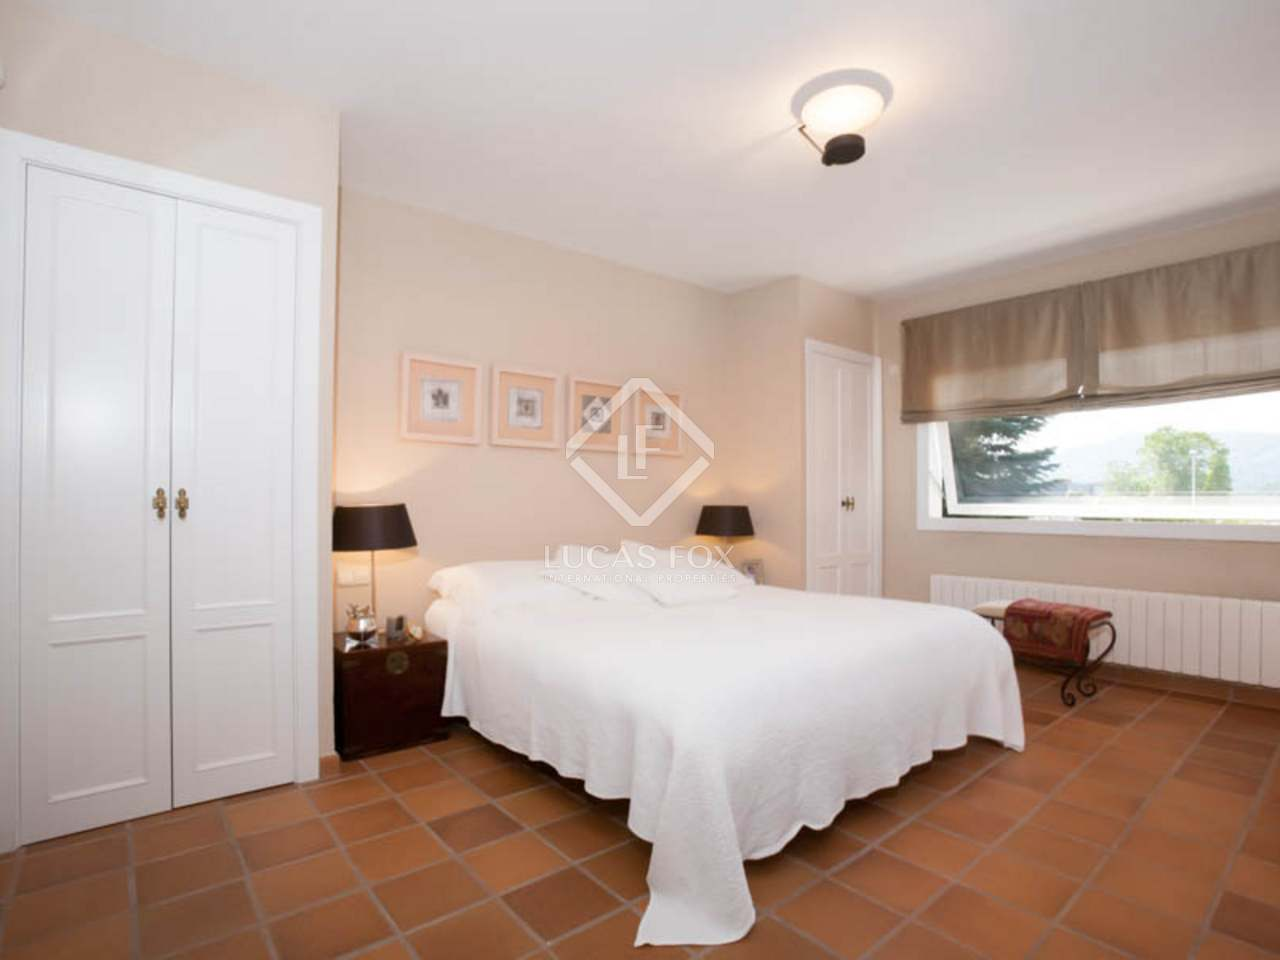 205m u00b2 Hus Villa till salu i Vallromanes, Mar